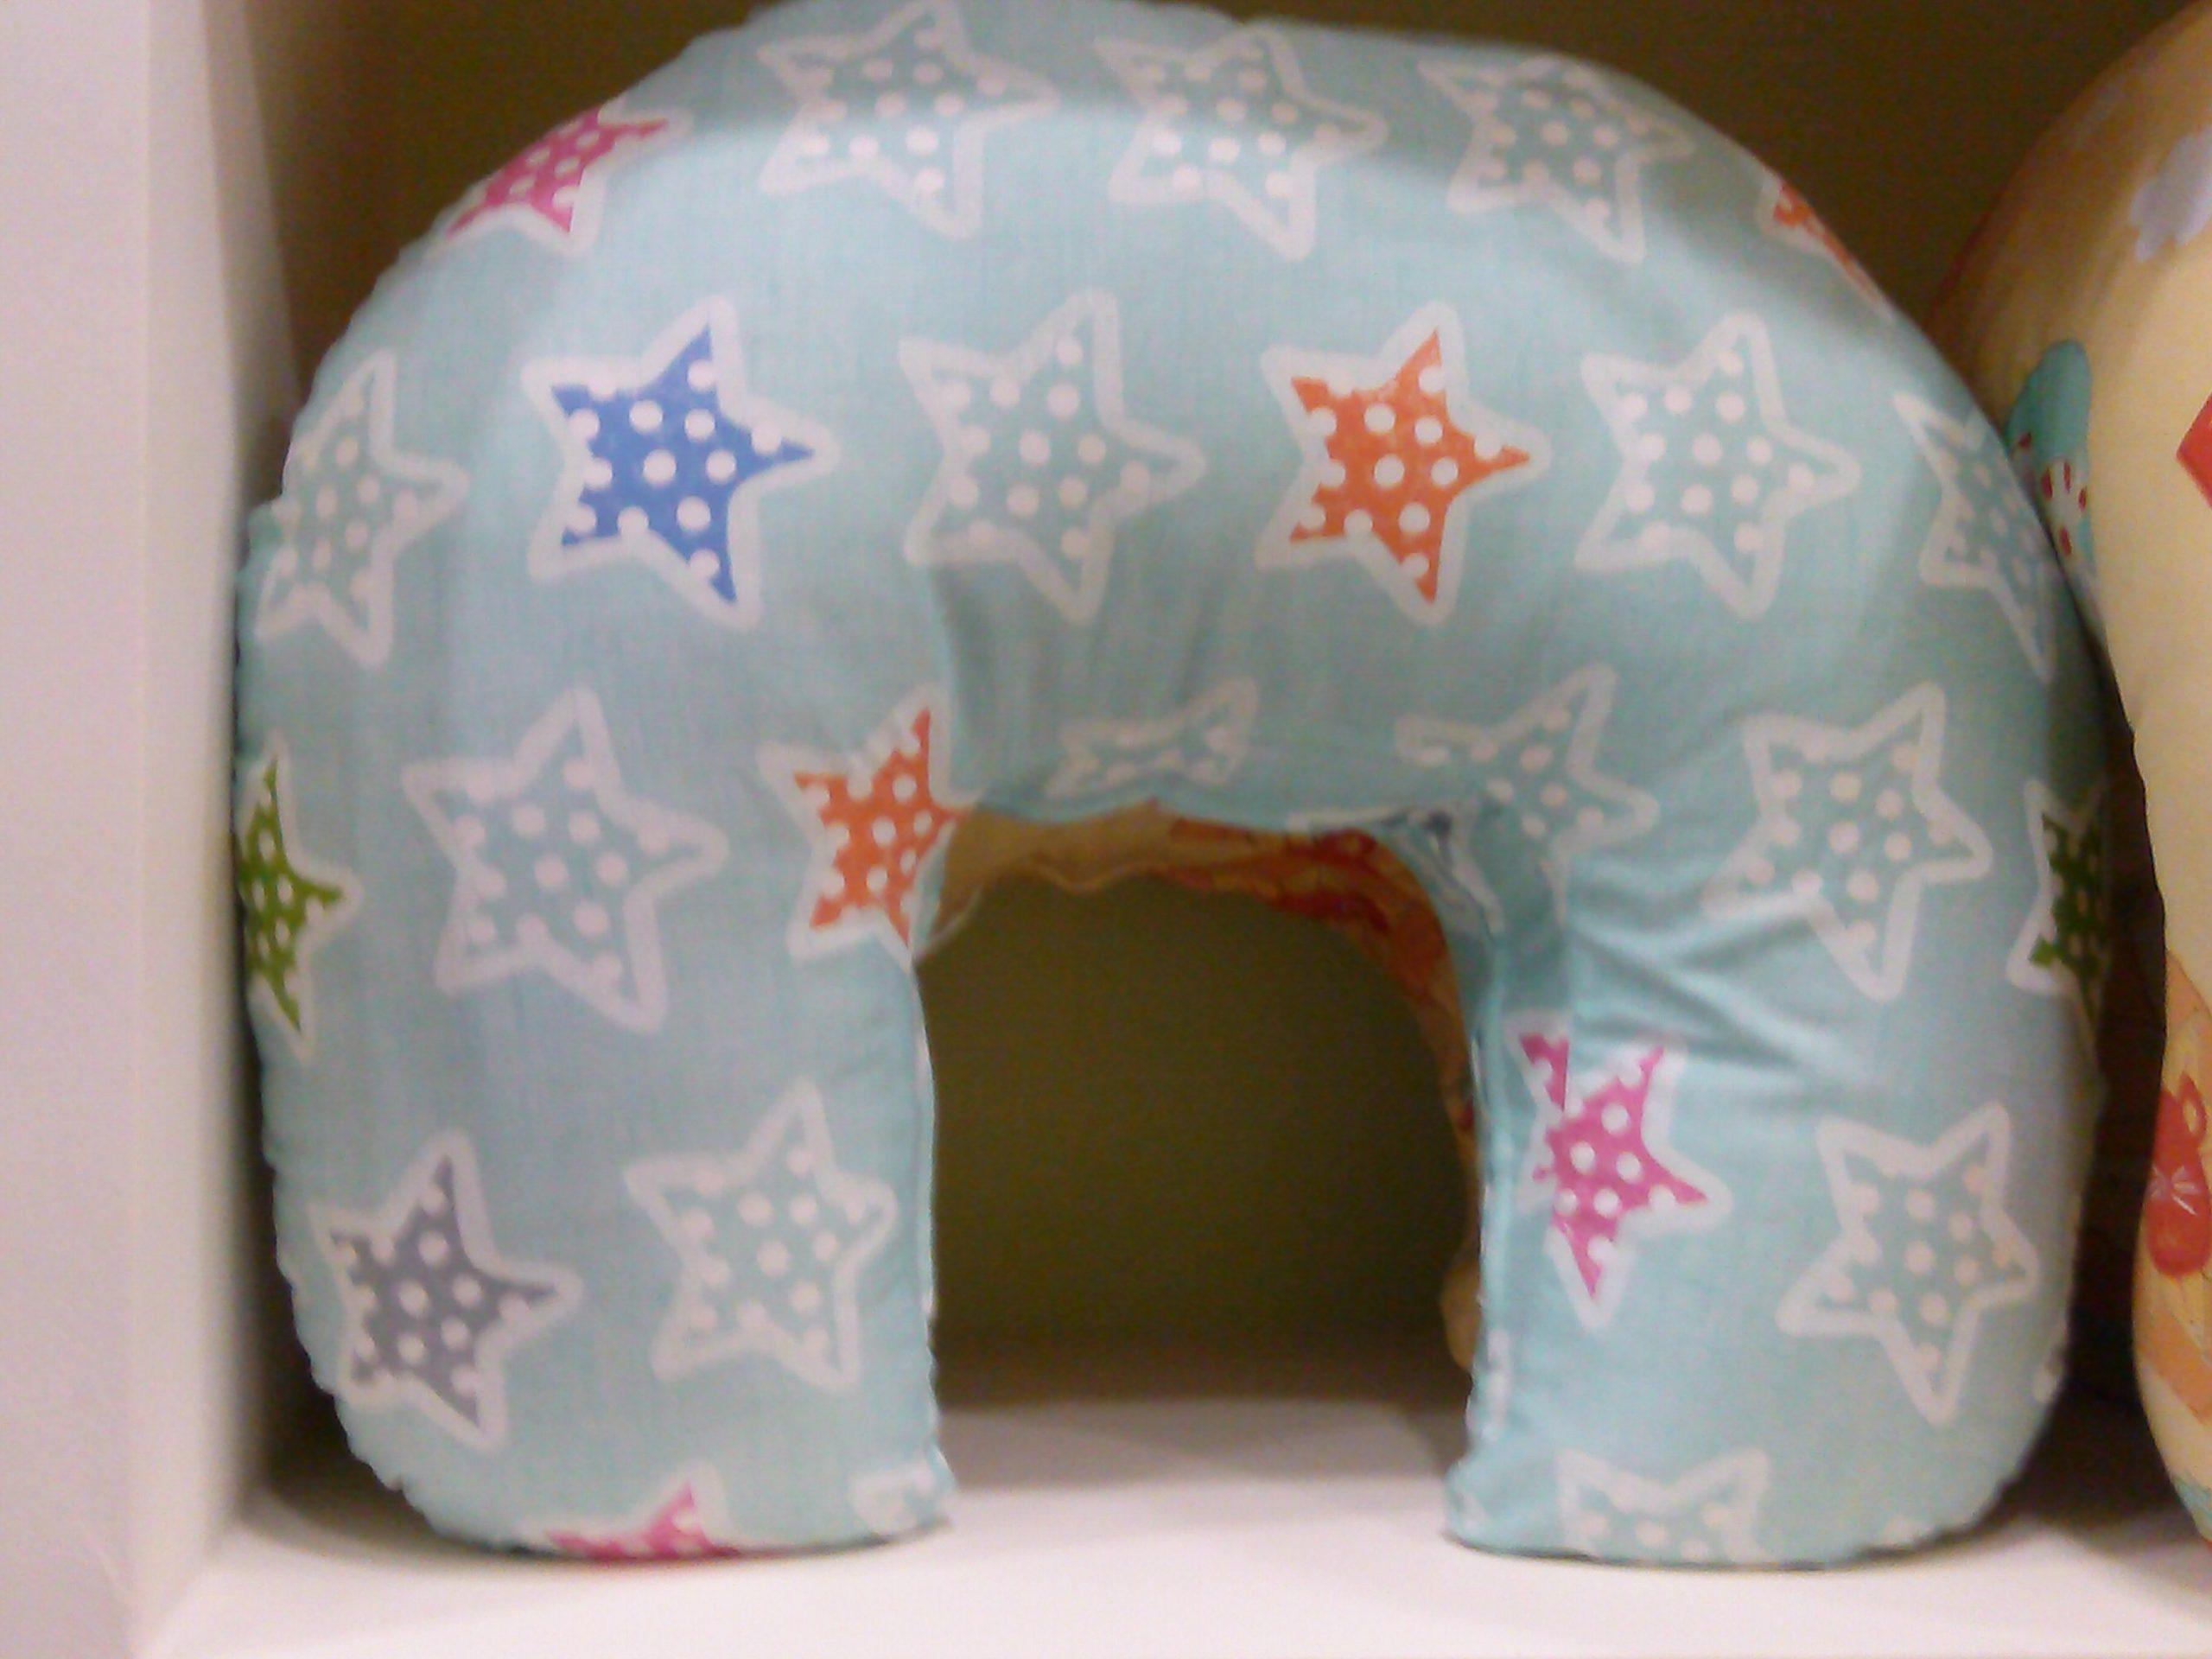 μαξιλάρι θηλασμού - γαλάζιο, αστεράκια